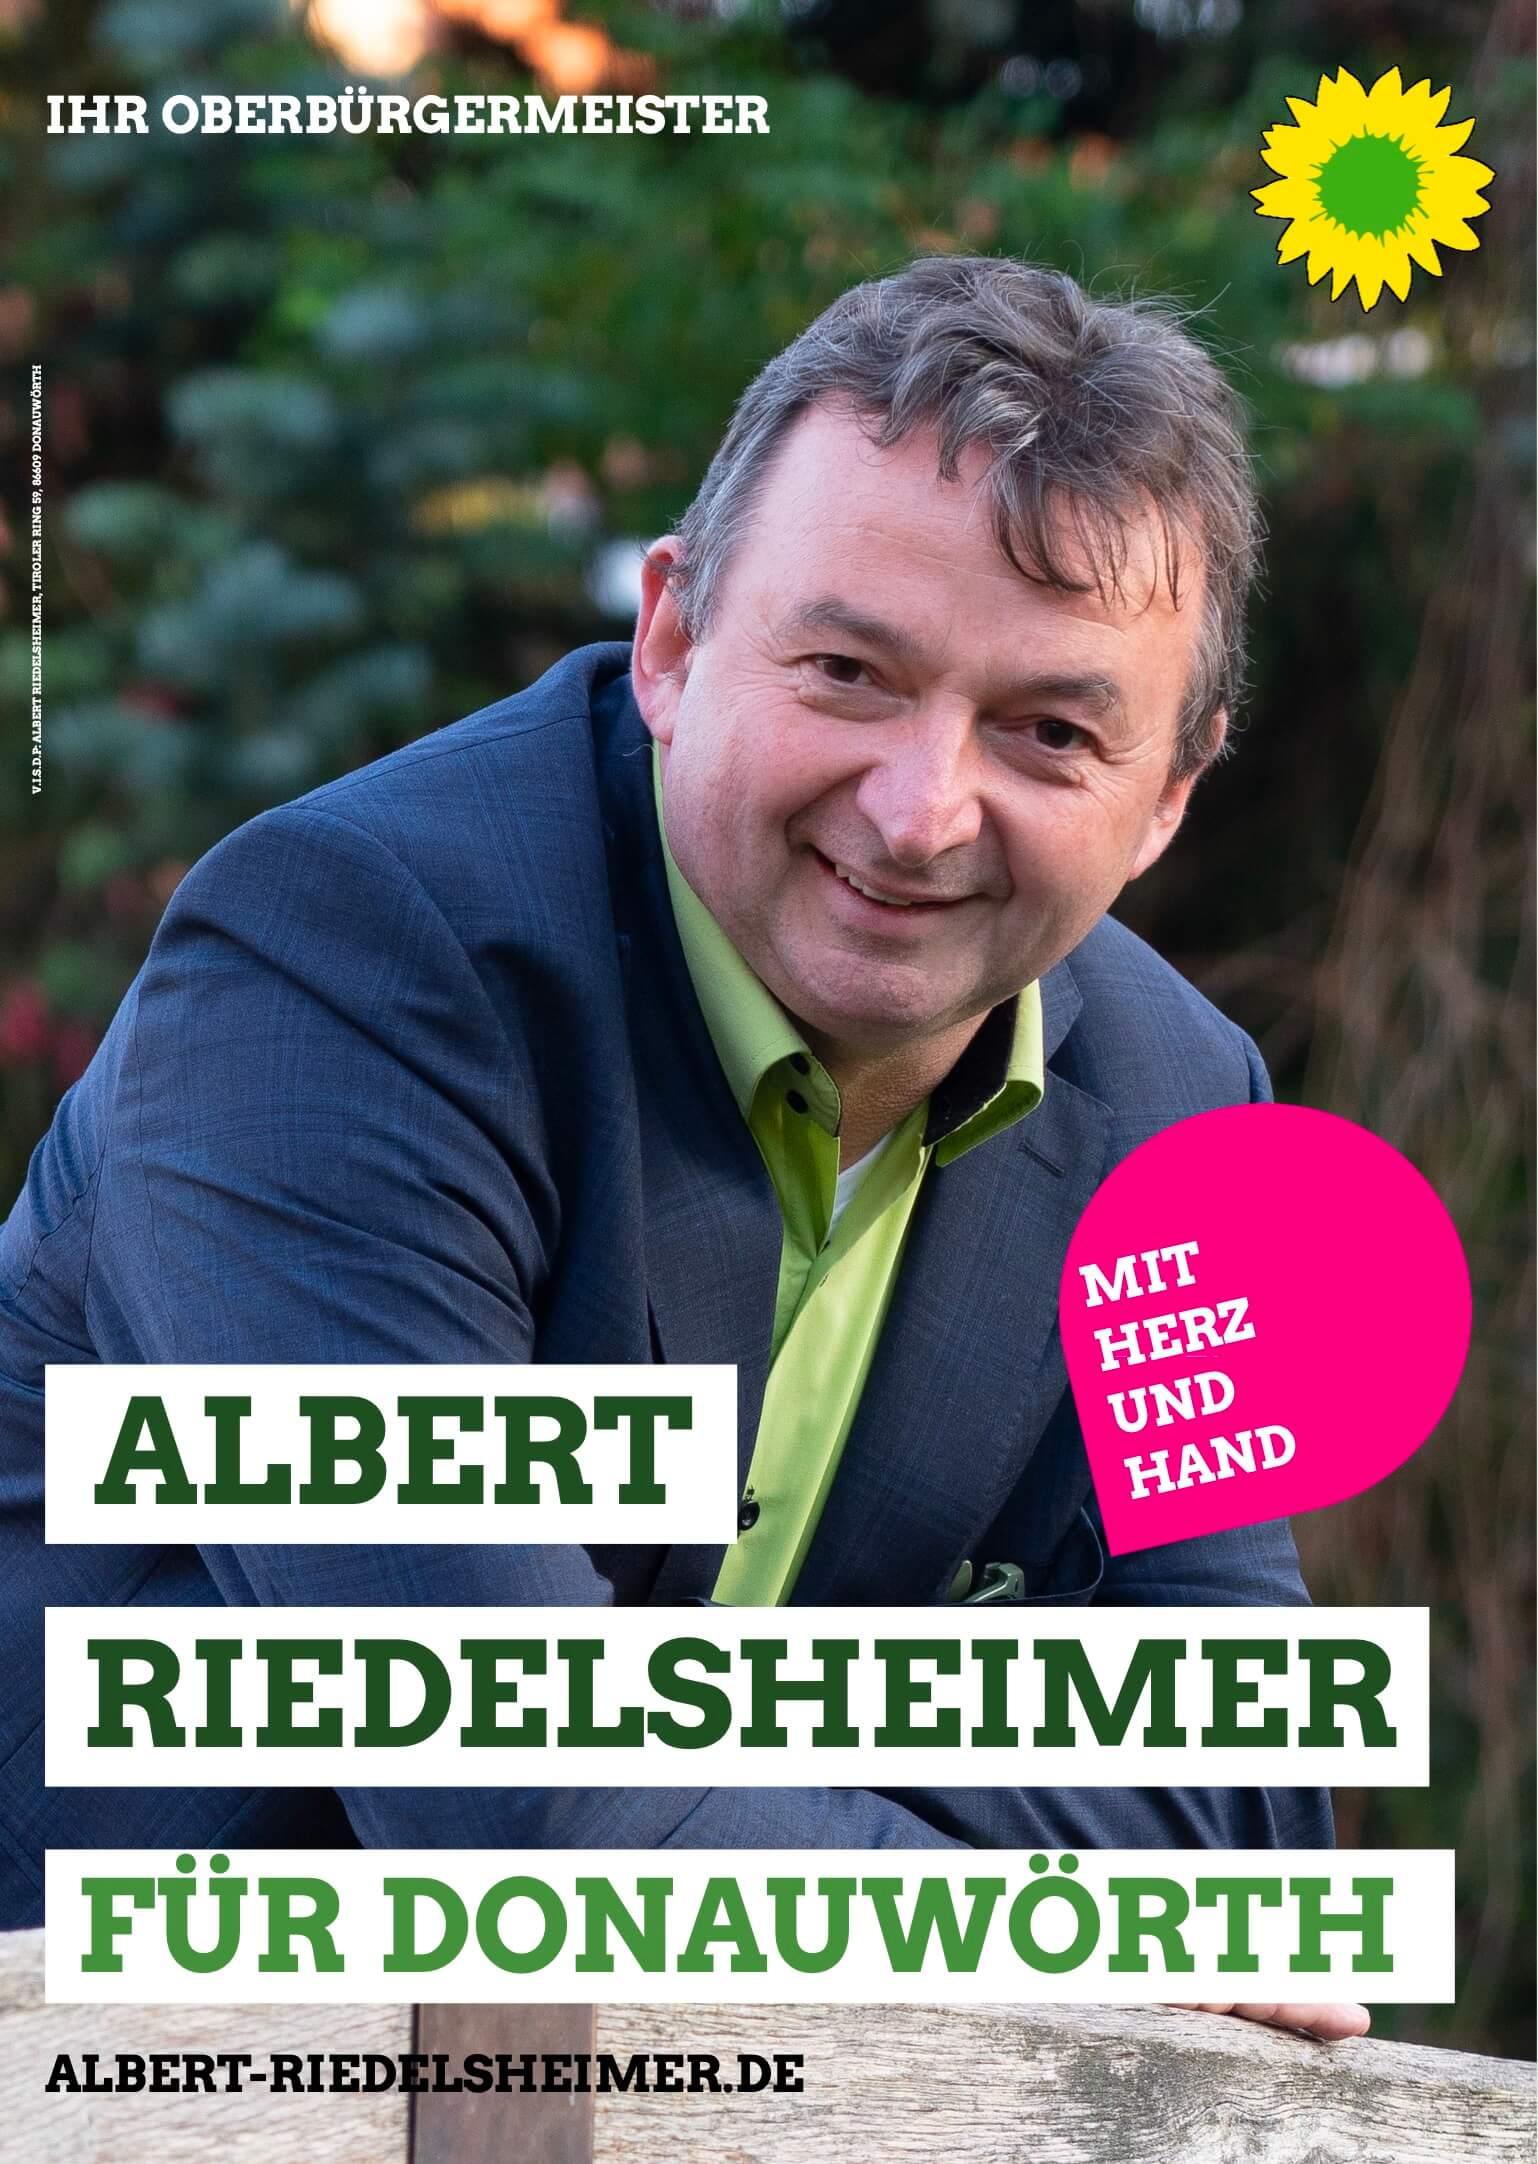 Albert Riedelsheimer Bürgermeister für Donauwörth